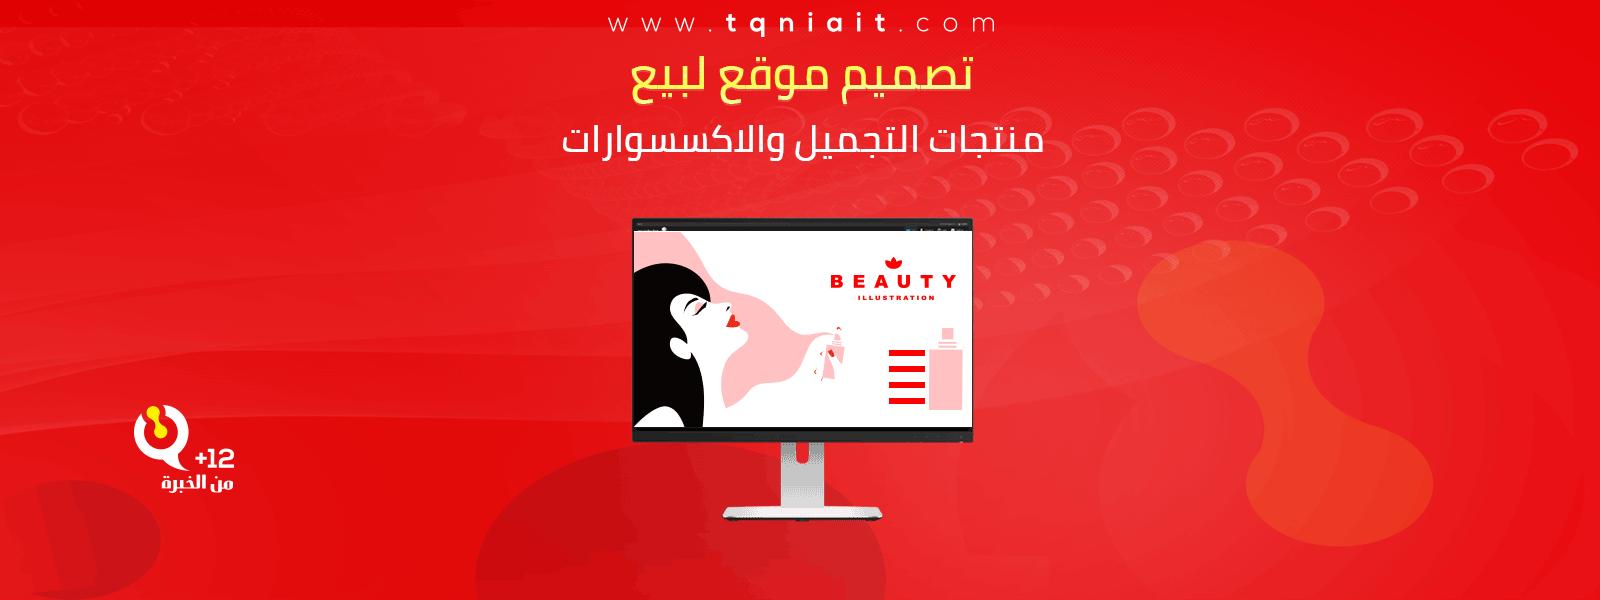 تصميم موقع لبيع منتجات التجميل والاكسسوارات